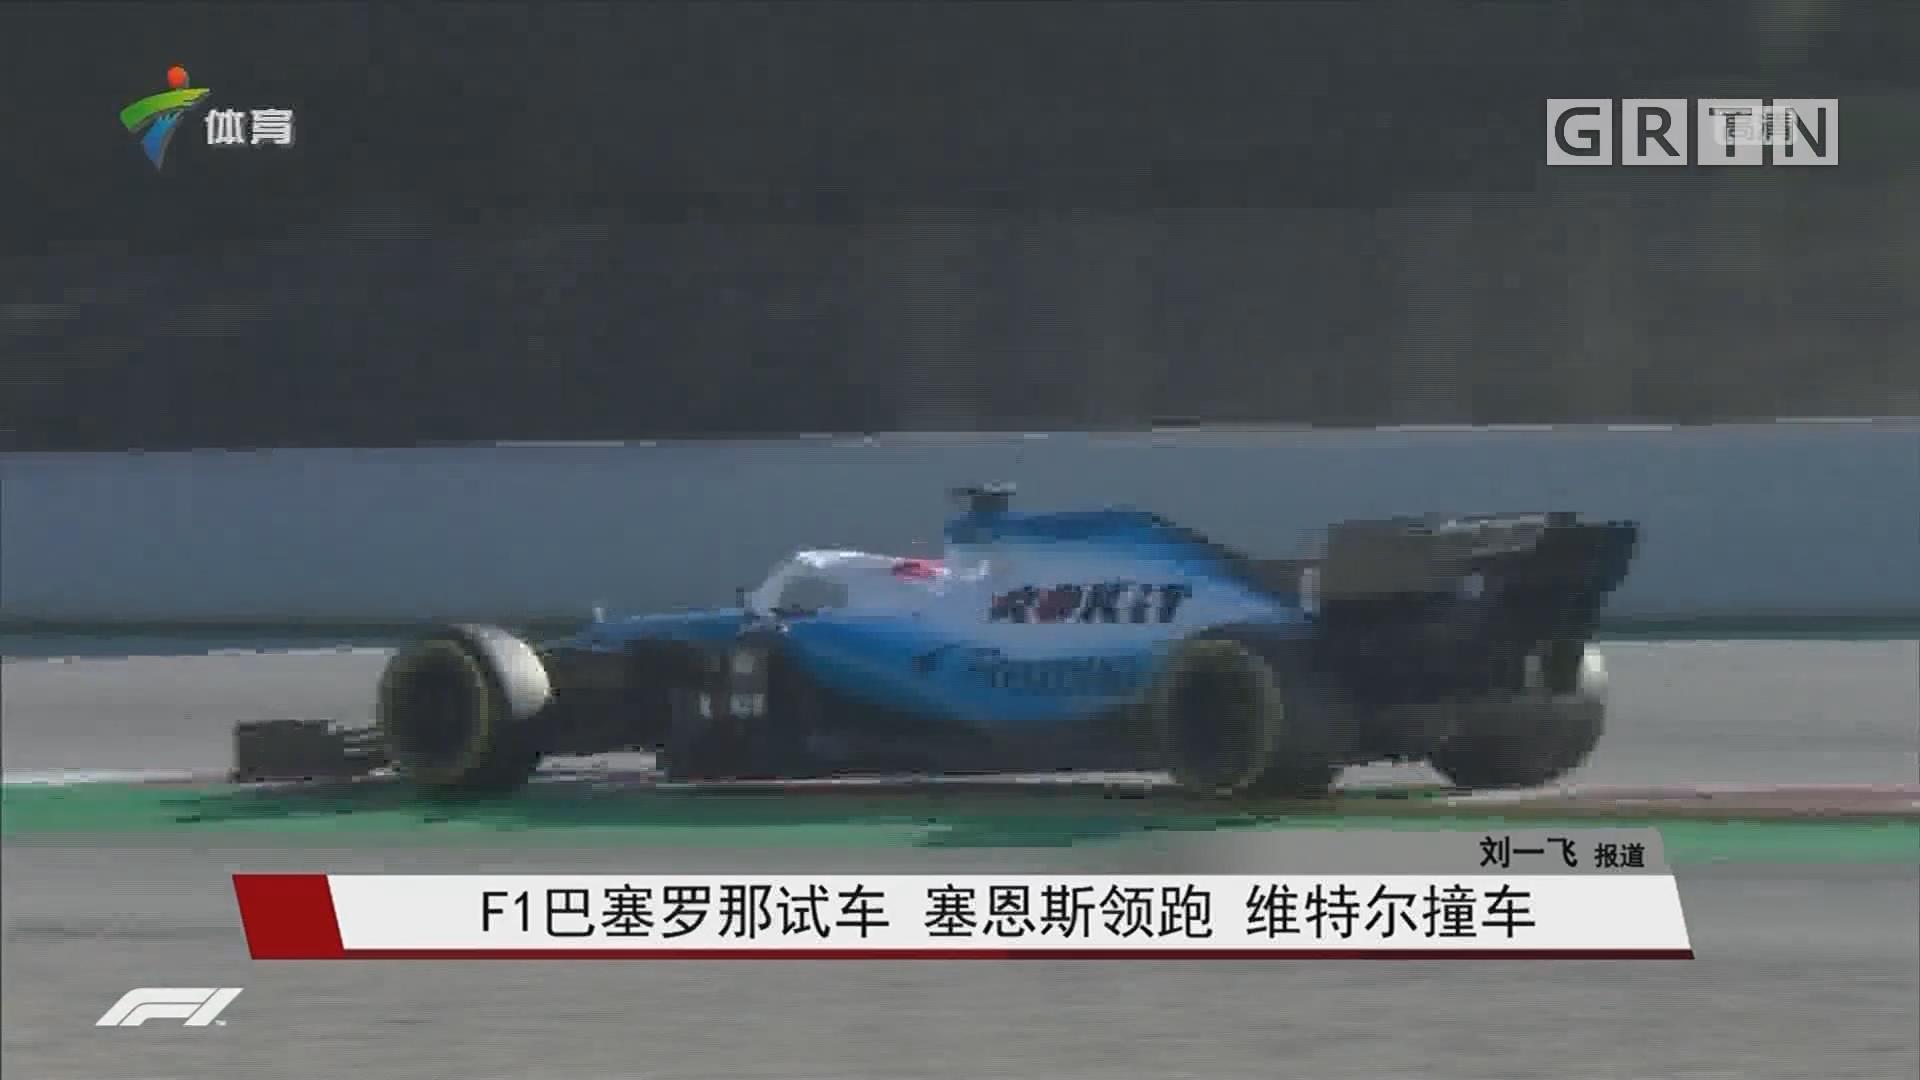 F1巴塞罗那试车 塞恩斯领跑 维特尔撞车